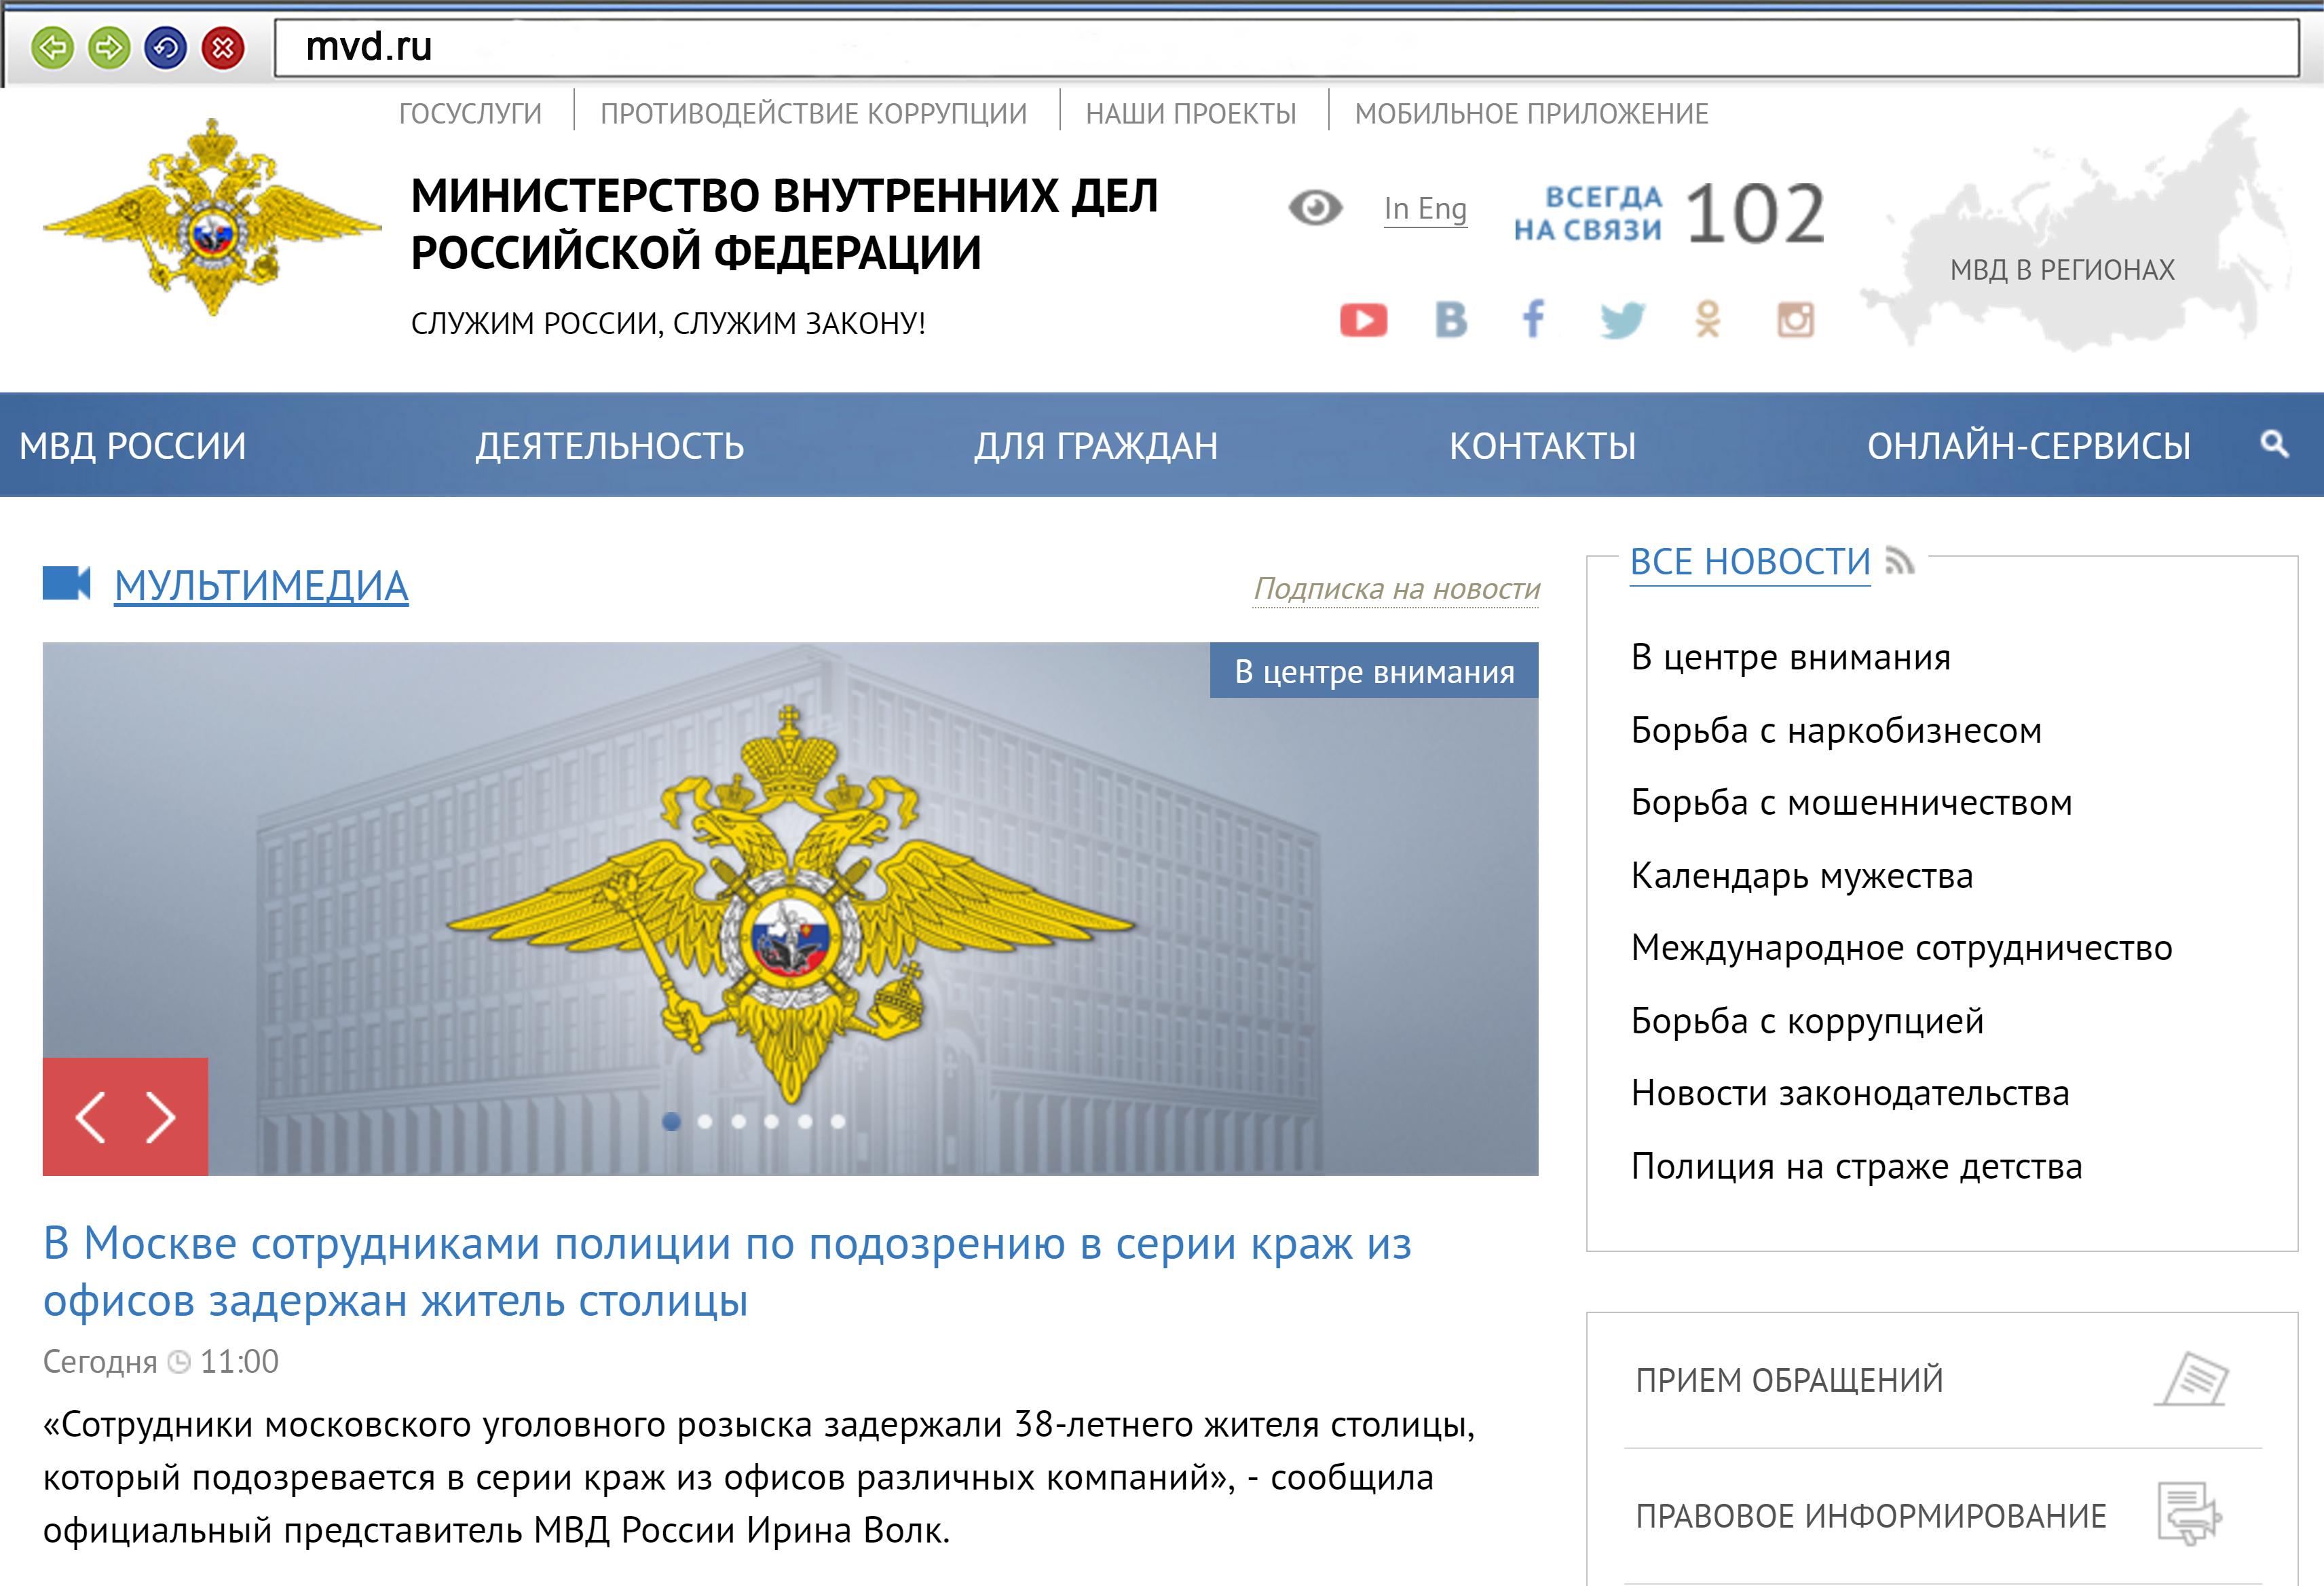 Официальный сайт уфмс по красноярску и красноярскому краю